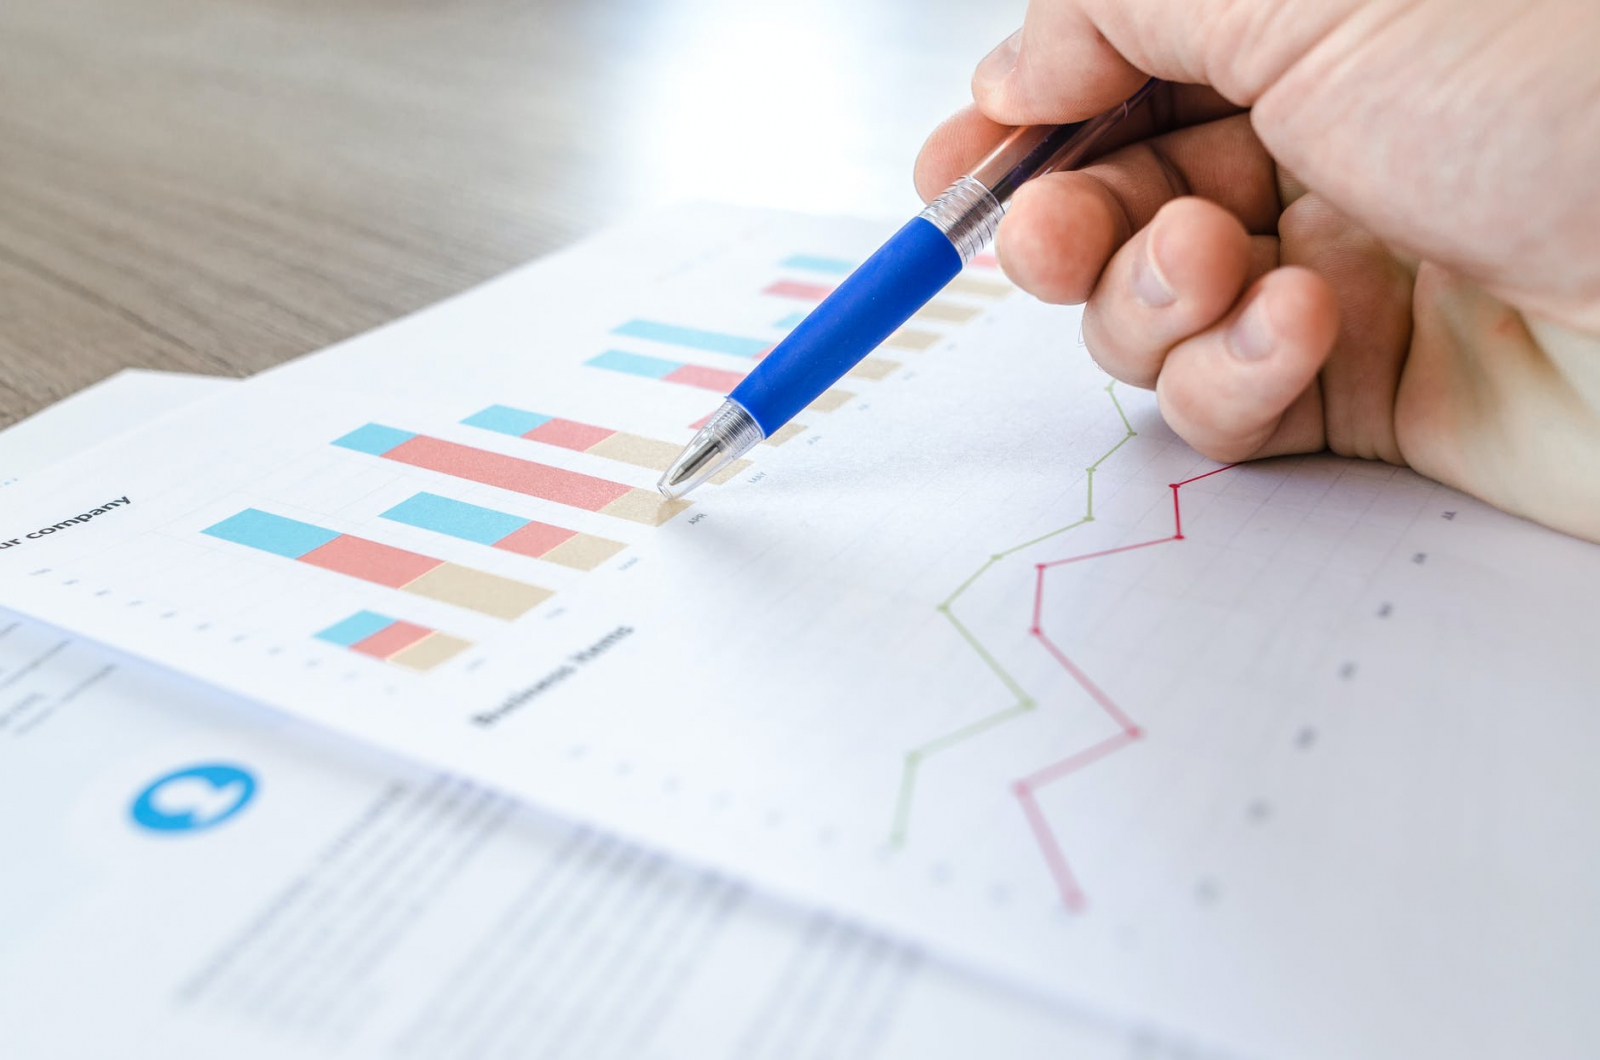 【理財專知】想投資先學看懂財務報表!什麼是短期負債與長期負債?